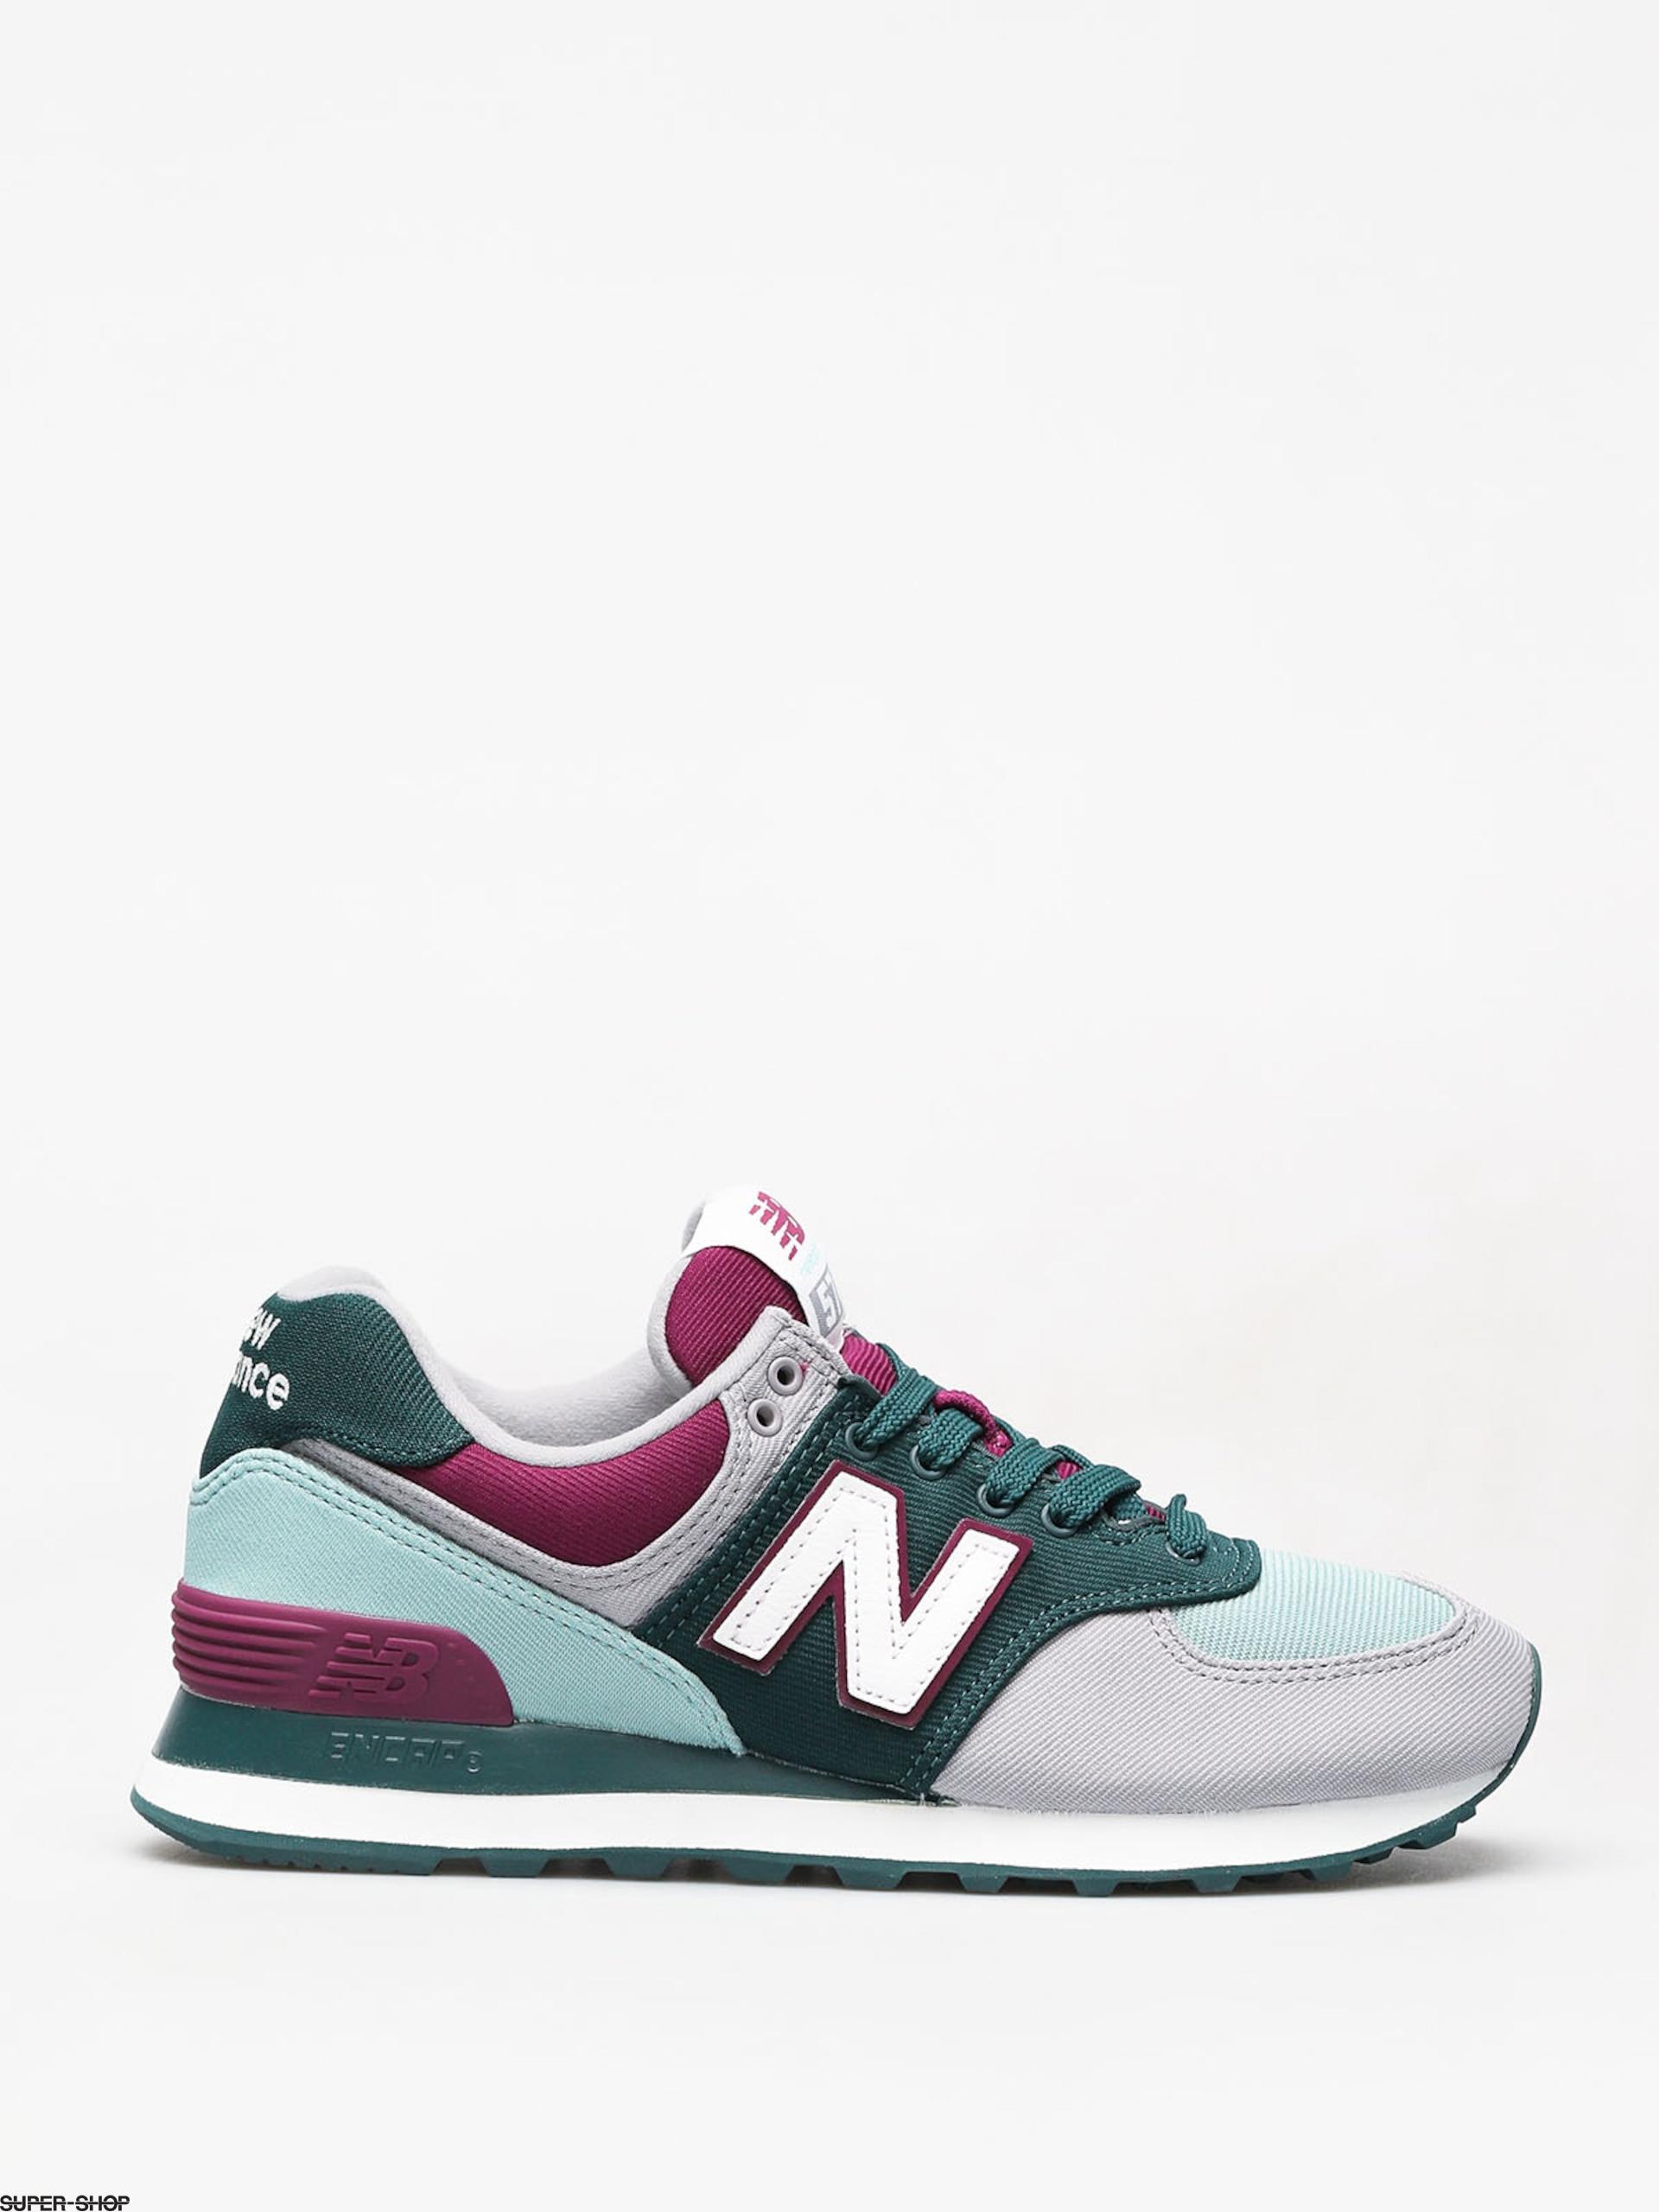 best website 90410 2a886 New Balance 574 Shoes Wmn (deep jade)